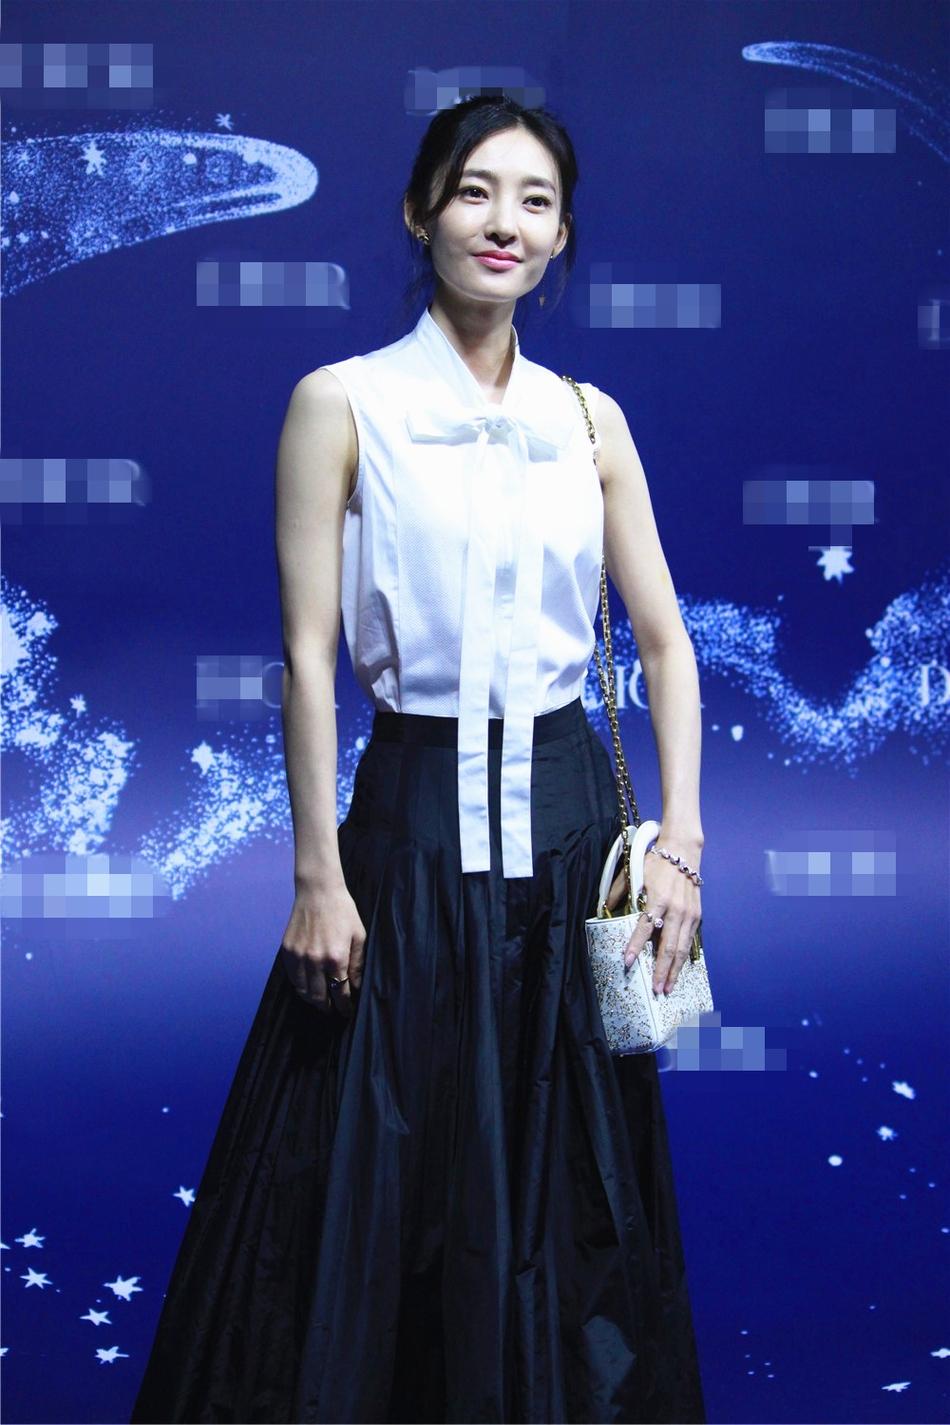 赵丽颖Baby何穗同台比美 露性感酥胸秀修长美腿 风格偶像 图8